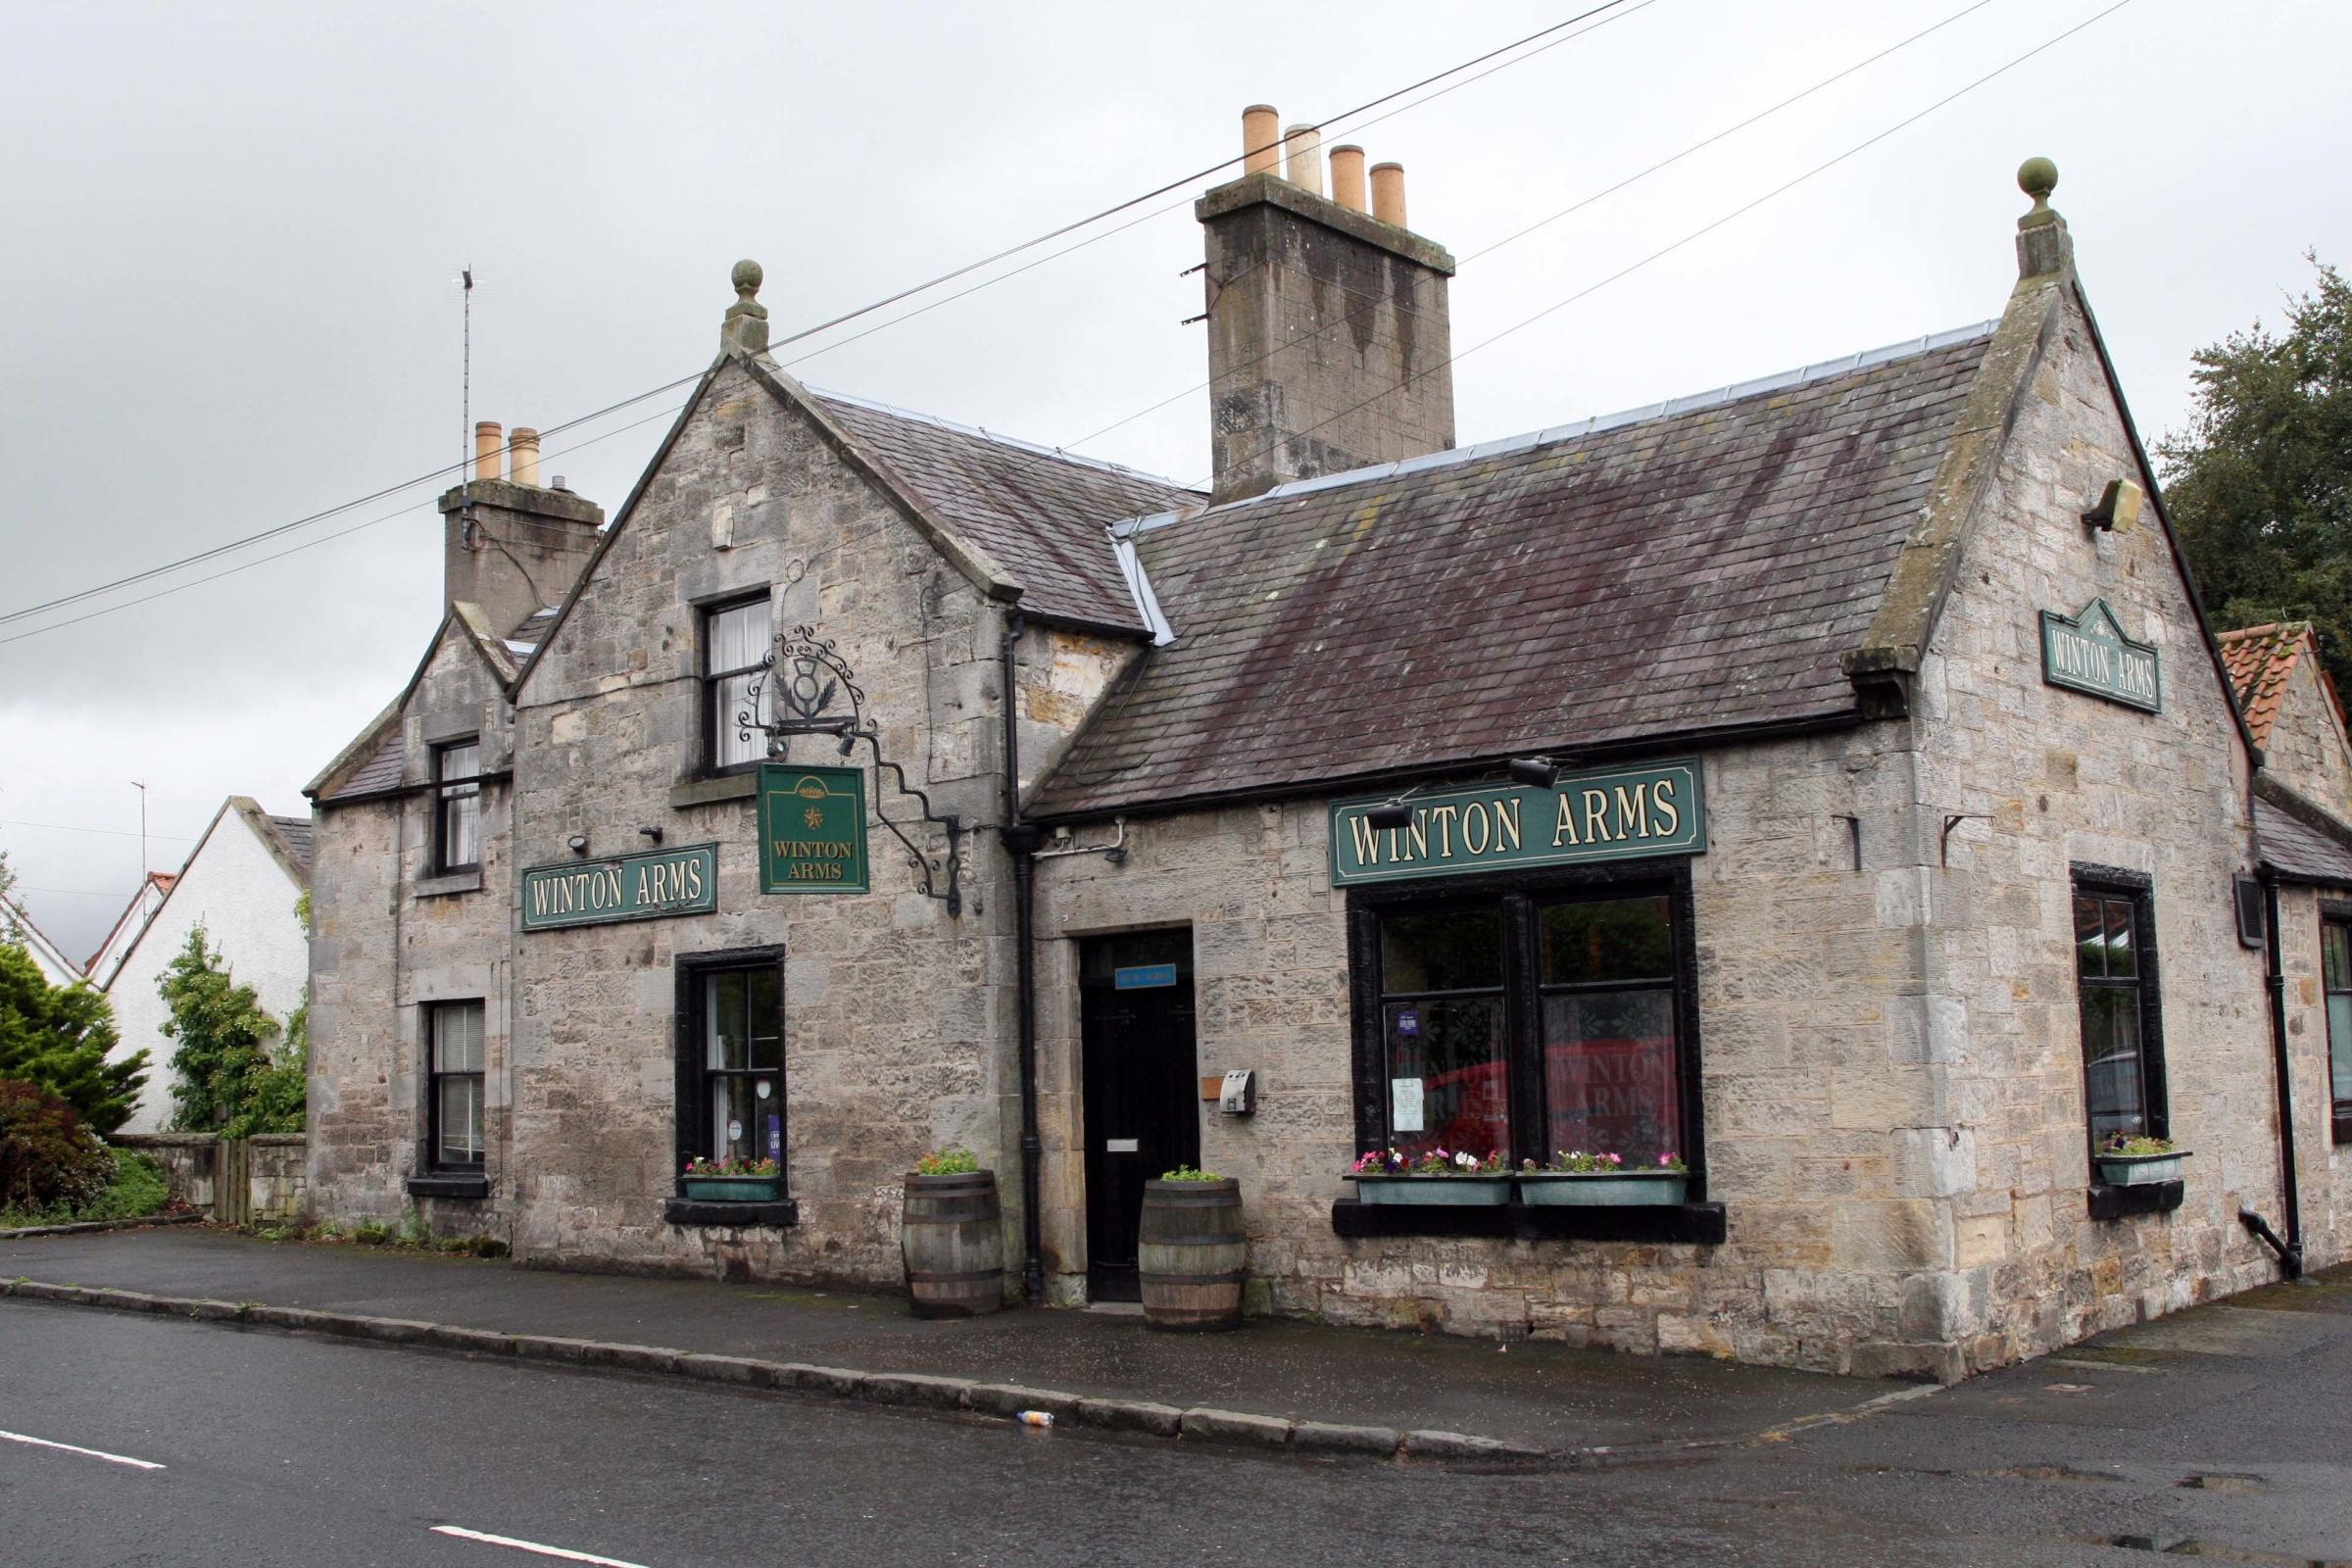 Pencaitland pub The Winton Arms up for sale